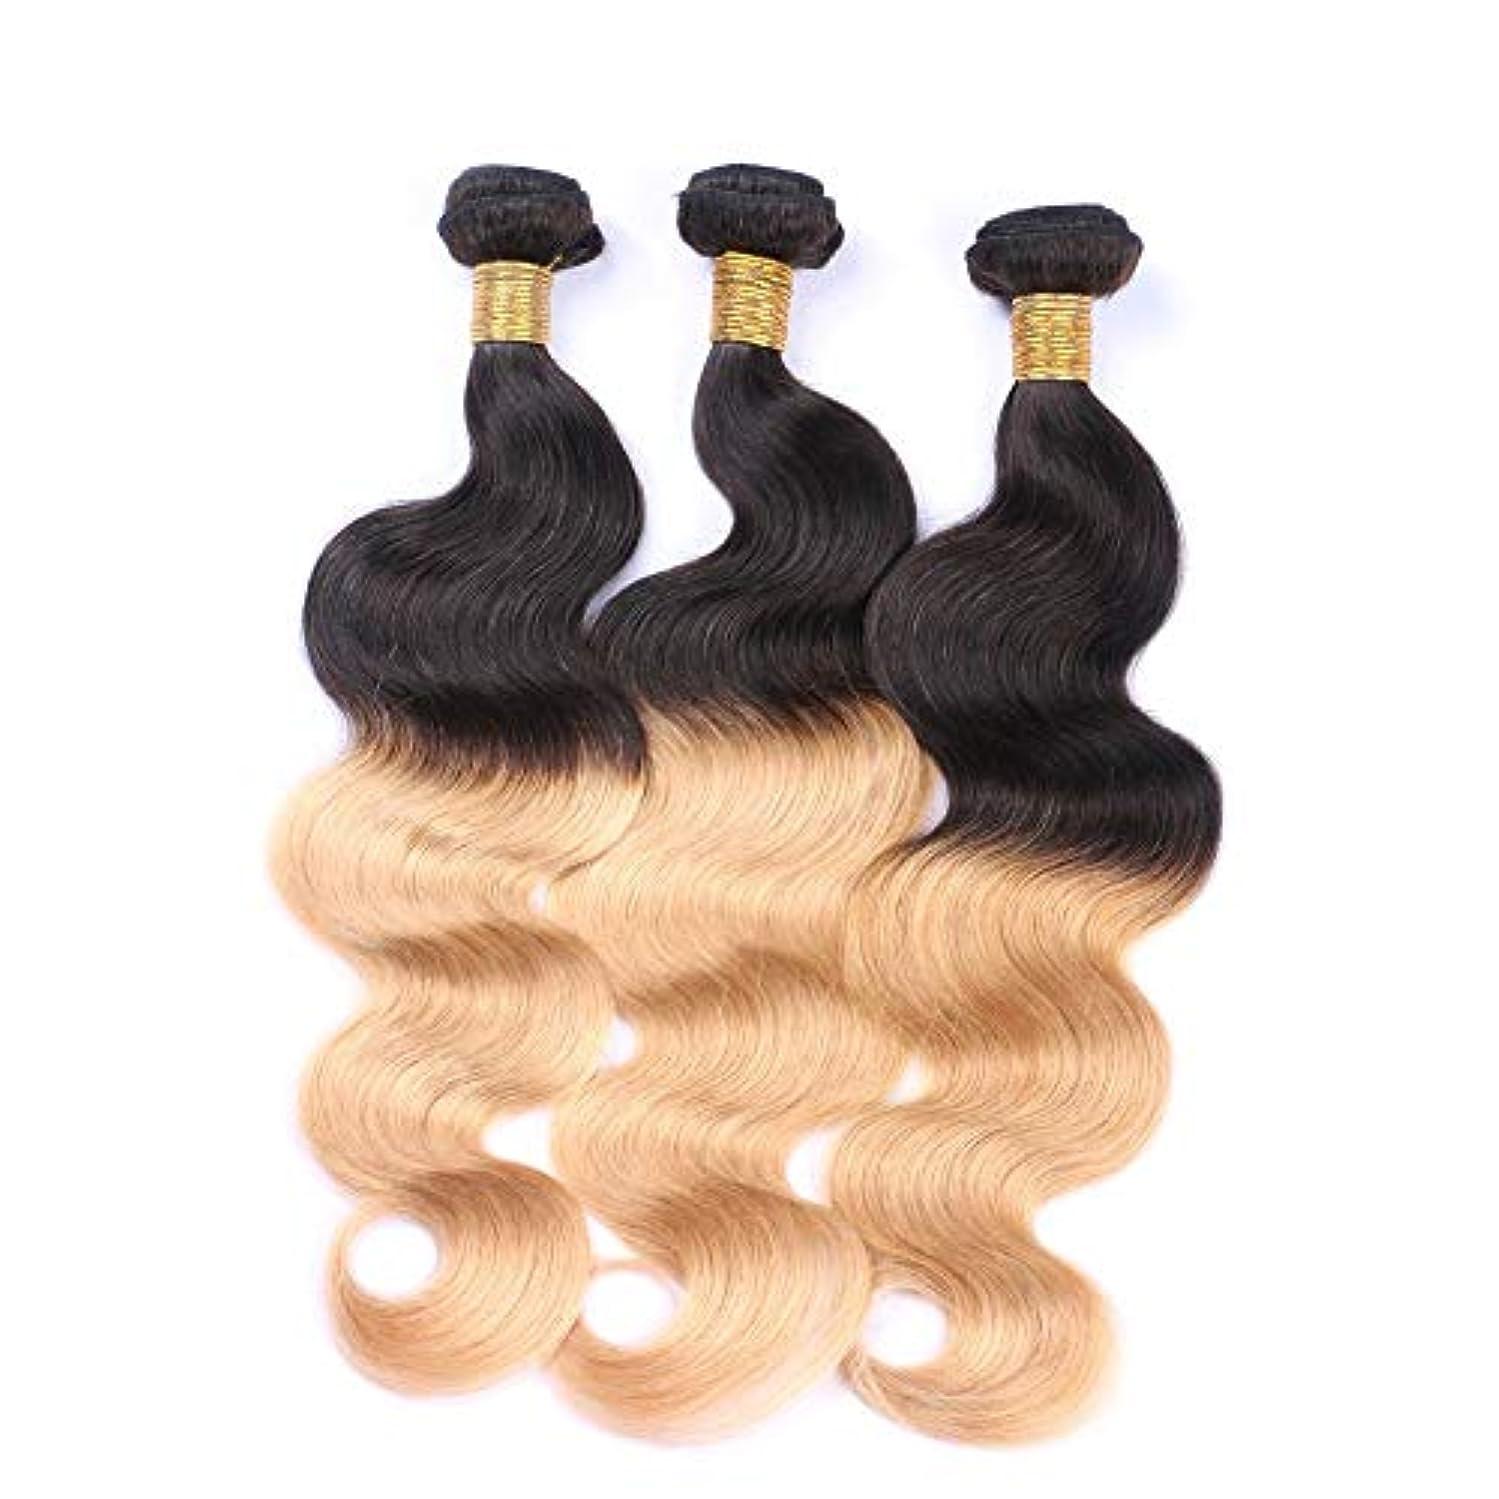 親密な天長方形Mayalina オンブルブラジル実体波髪バンドル未処理の人間の髪の毛の拡張子 - #T1B / 27黒から2トーンの色1バンドルロールプレイングかつら女性の自然なかつら (色 : Blonde, サイズ : 22 inch)